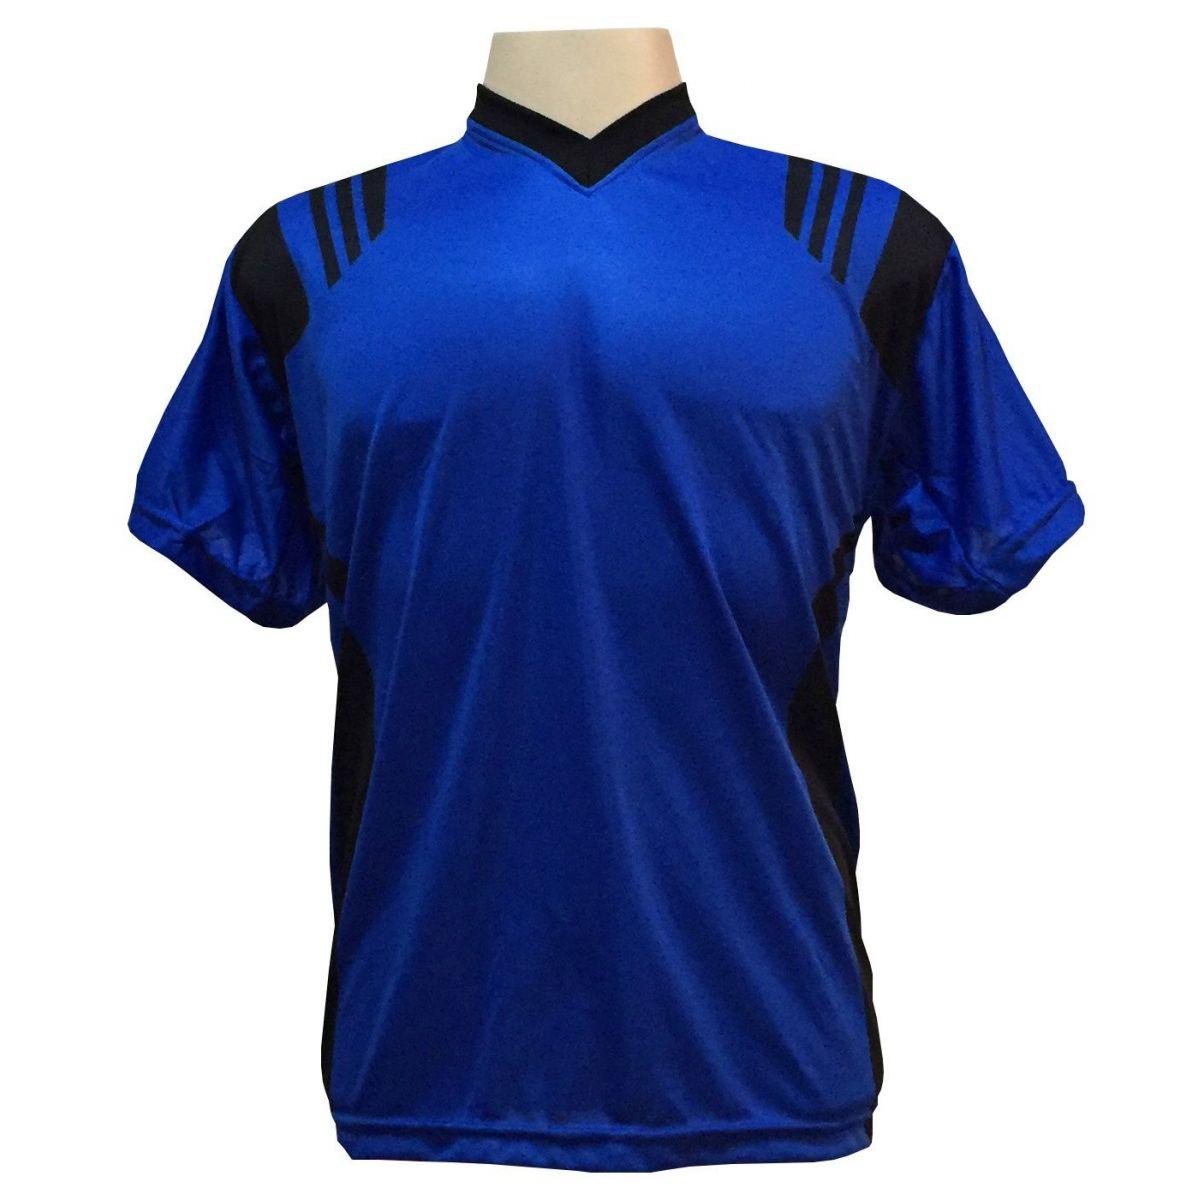 Fardamento Completo modelo Roma 18+2 (18 Camisas Royal/Preto + 18 Calções Madrid Preto + 18 Pares de Meiões Royal + 2 Conjuntos de Goleiro) + Brindes